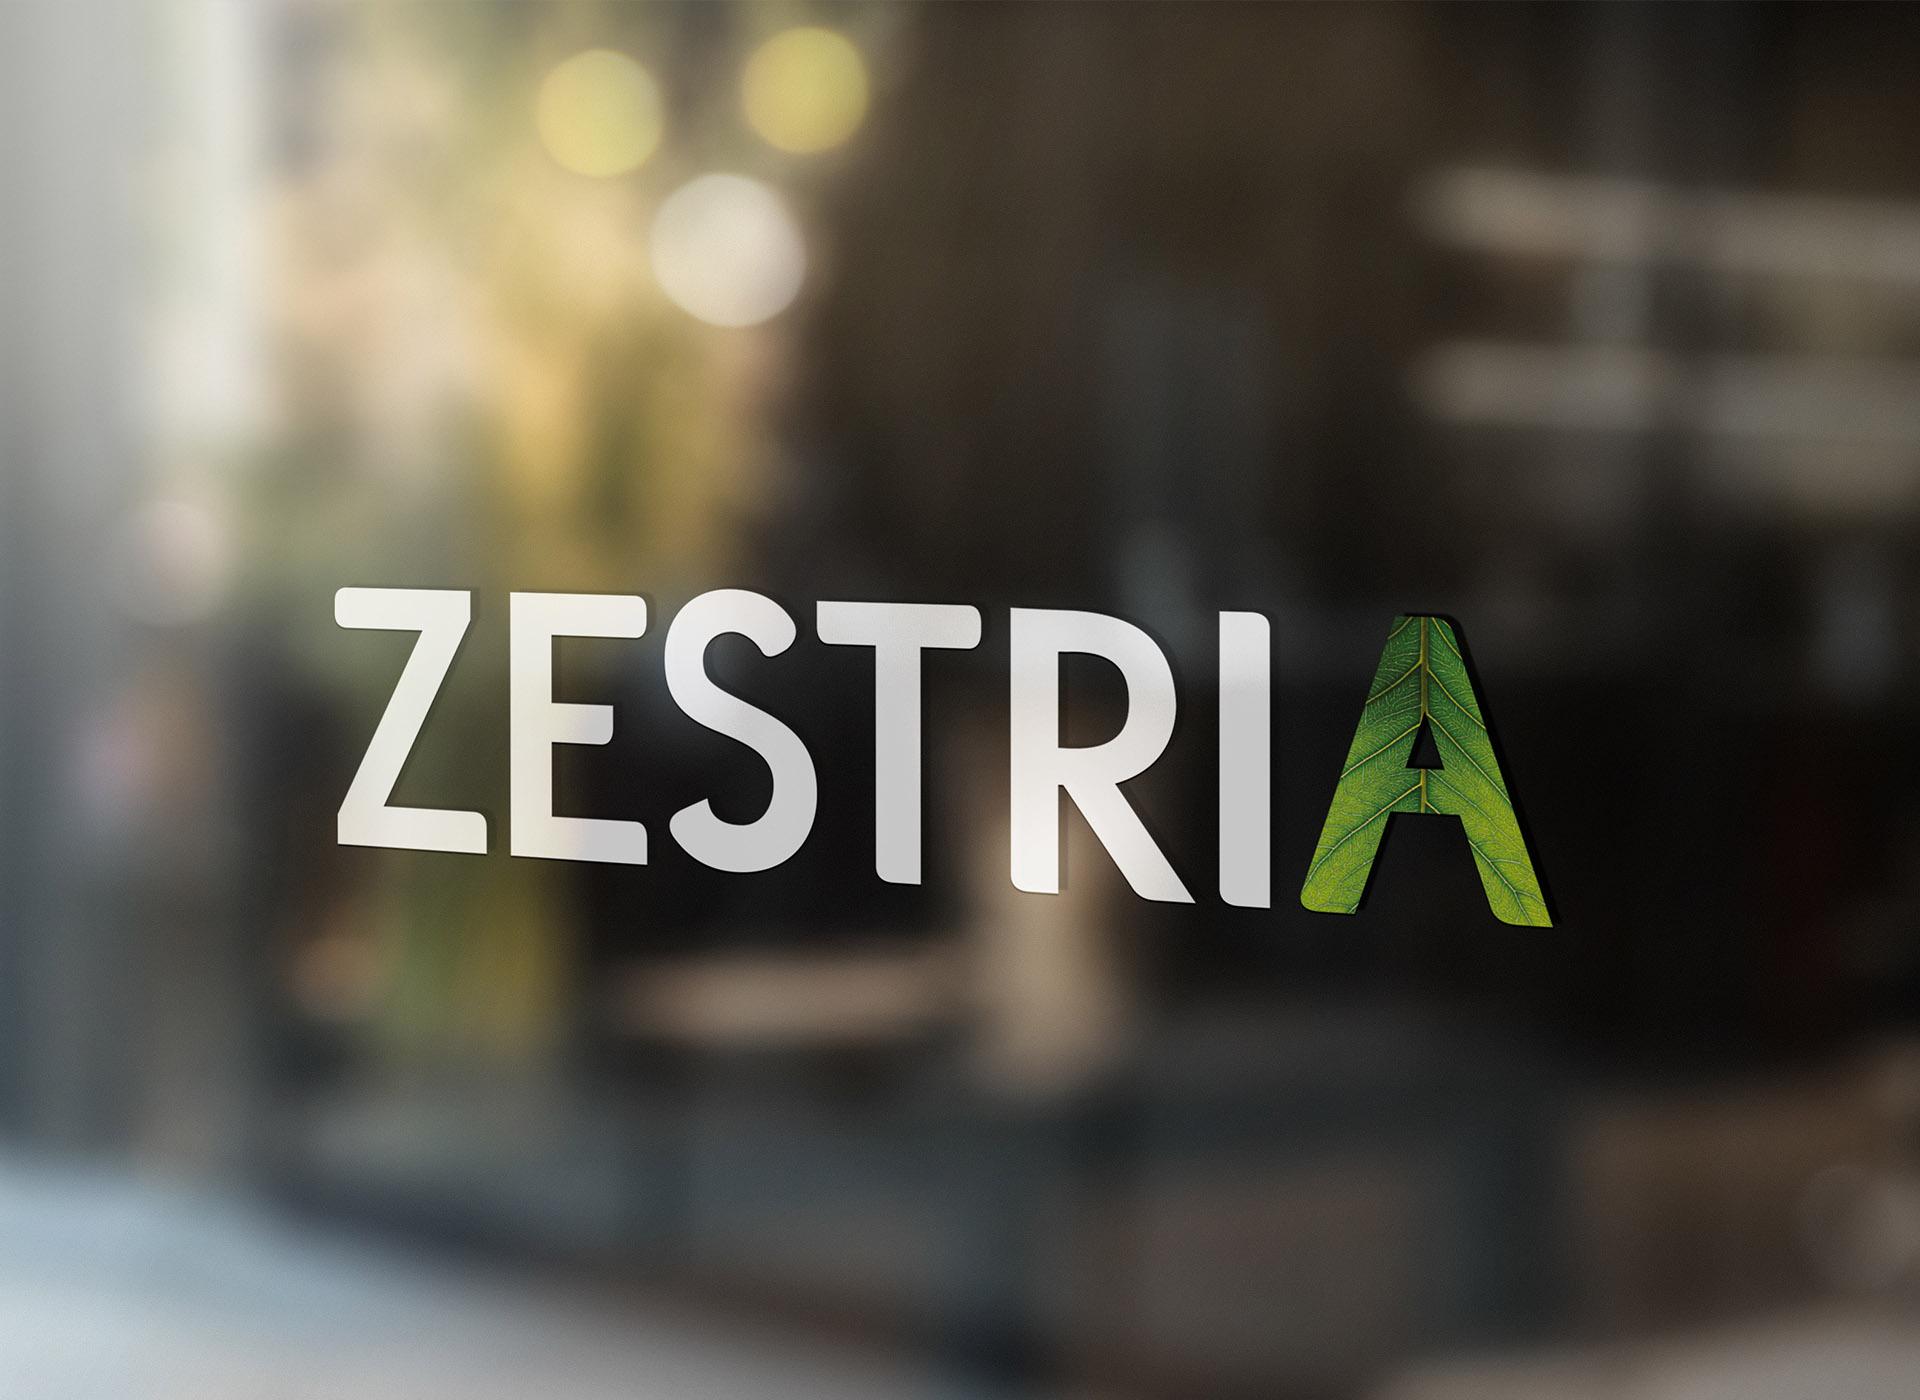 zestria portfolio inoveo window